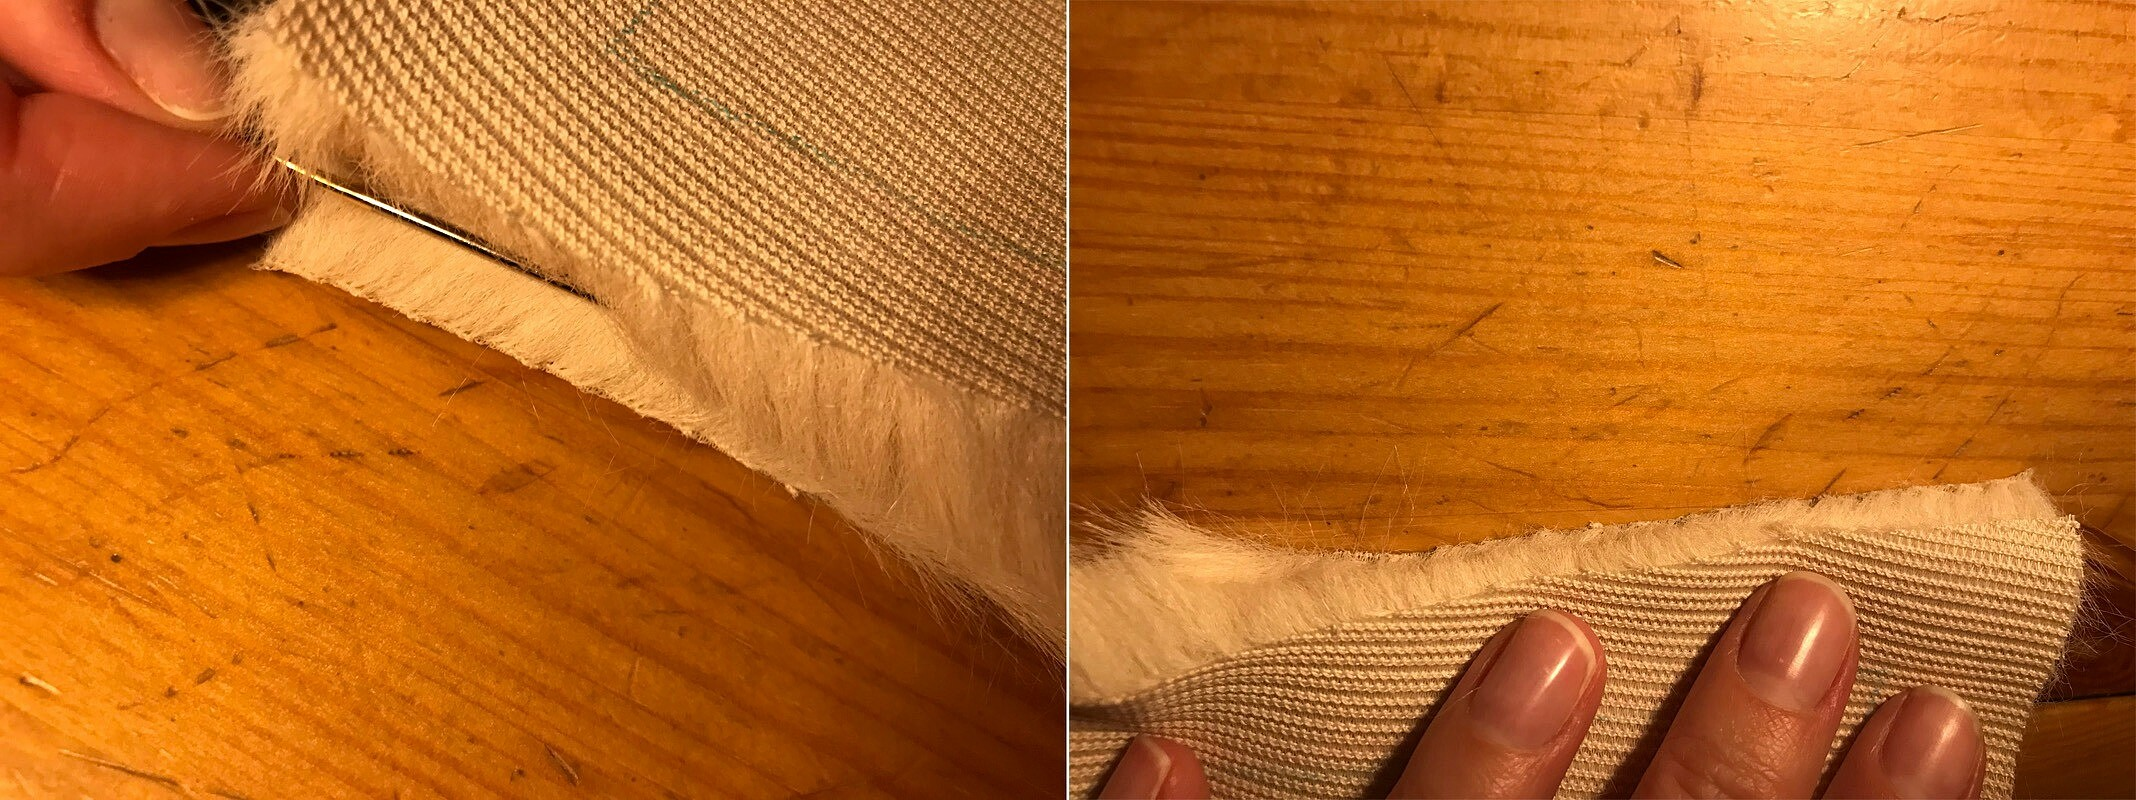 Шуба изискусственного меха: как сшить своими руками